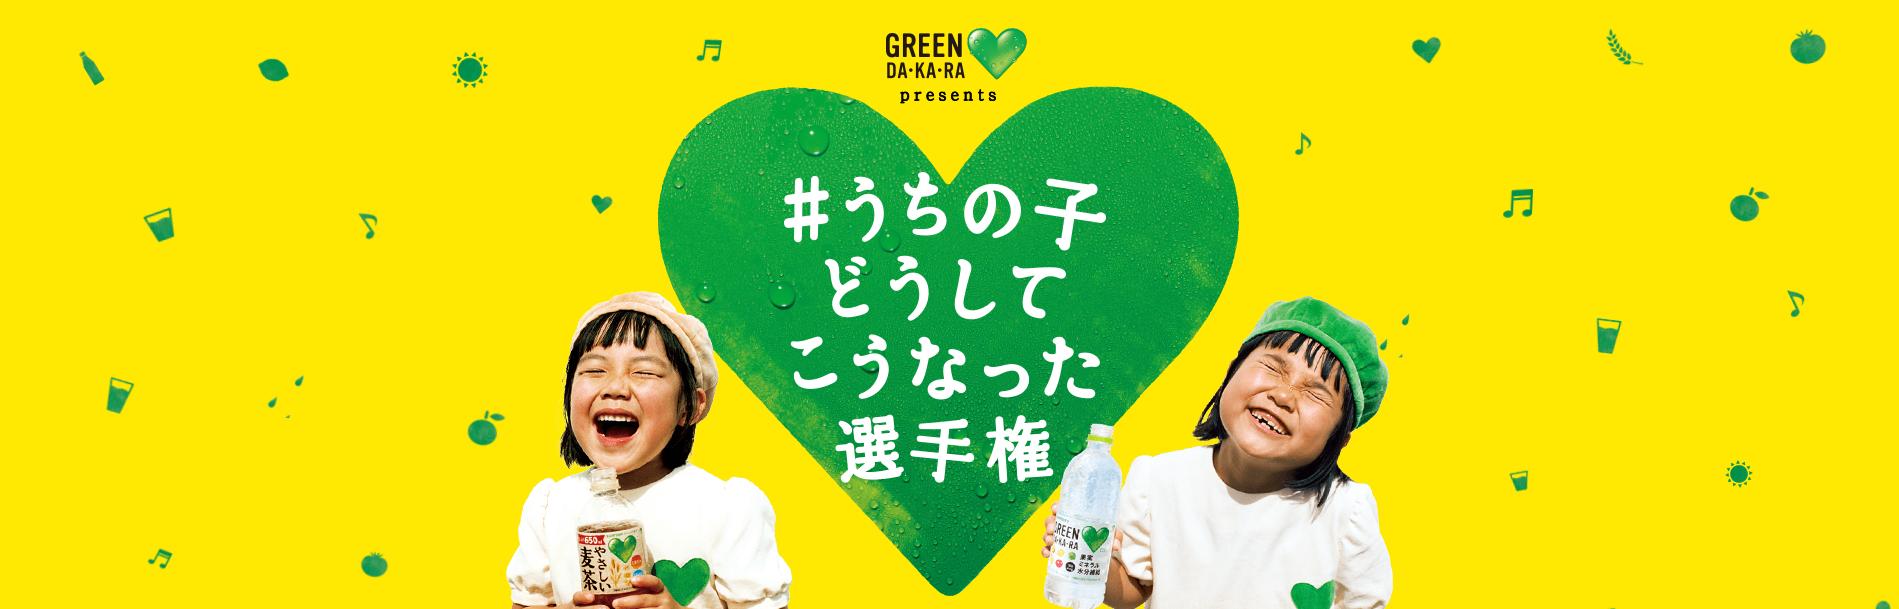 Twitterキャンペーン_事例2.png